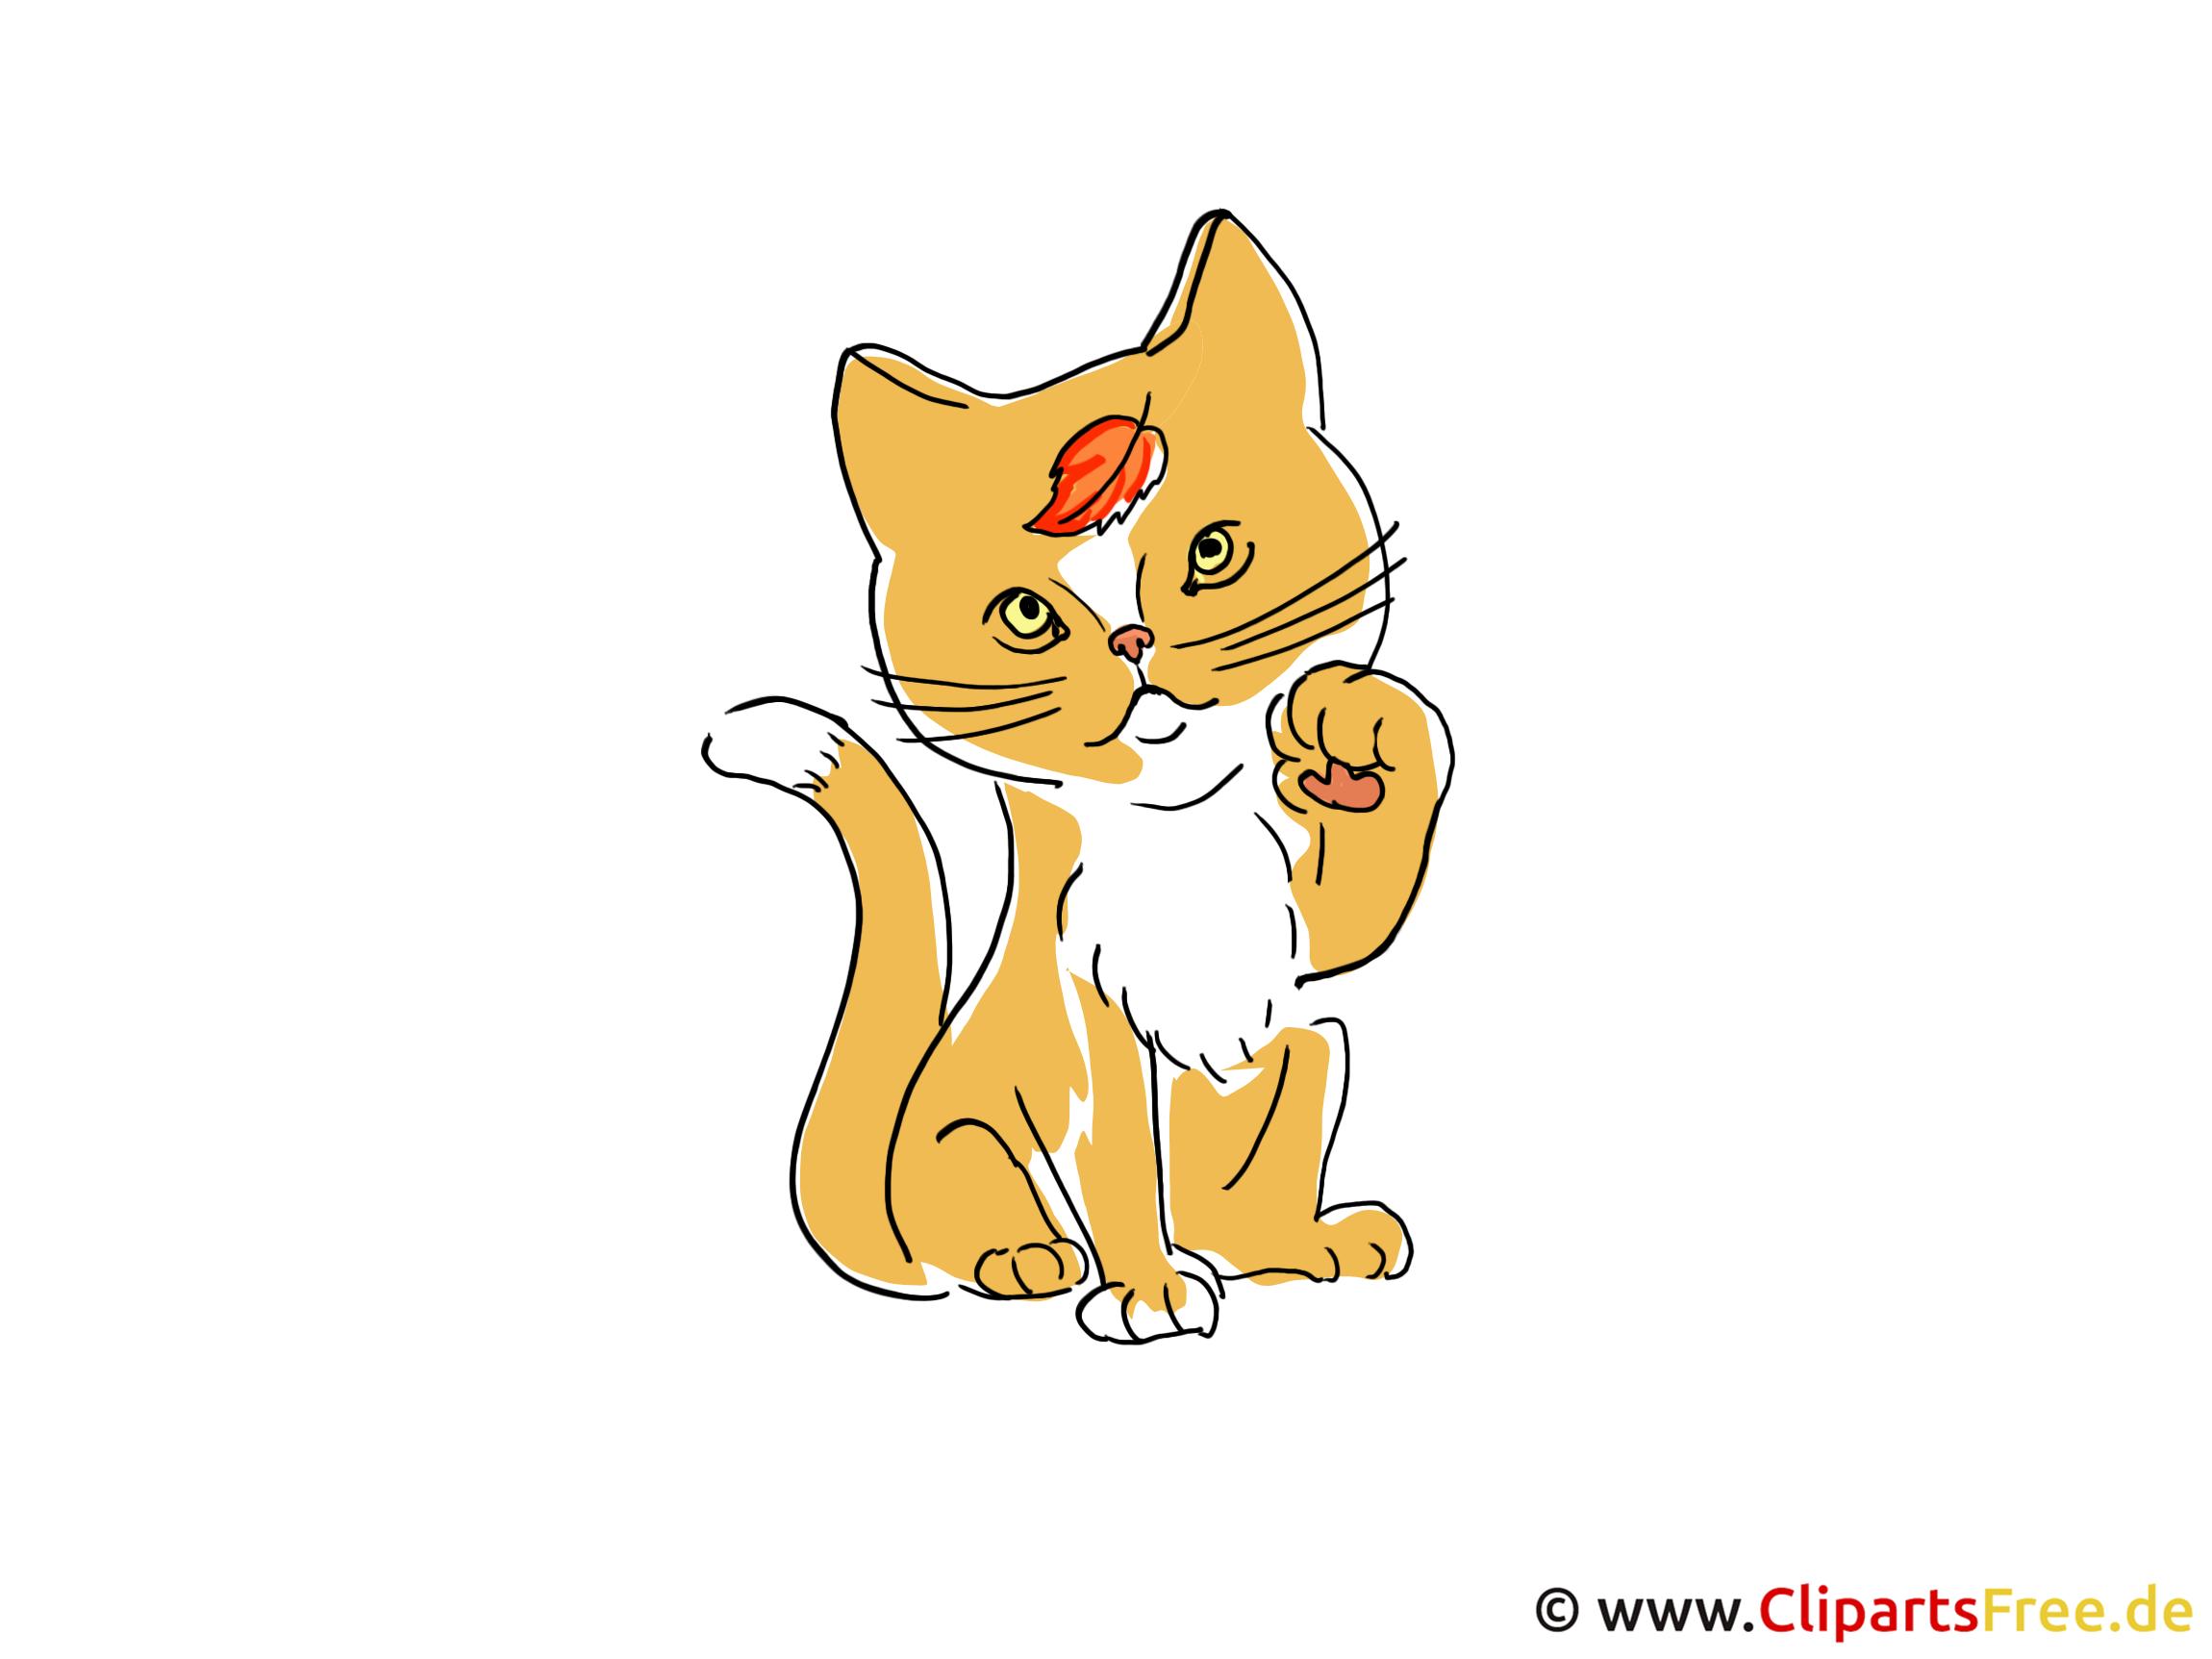 Niedliche Katze Clipart - Bilder im Herbst